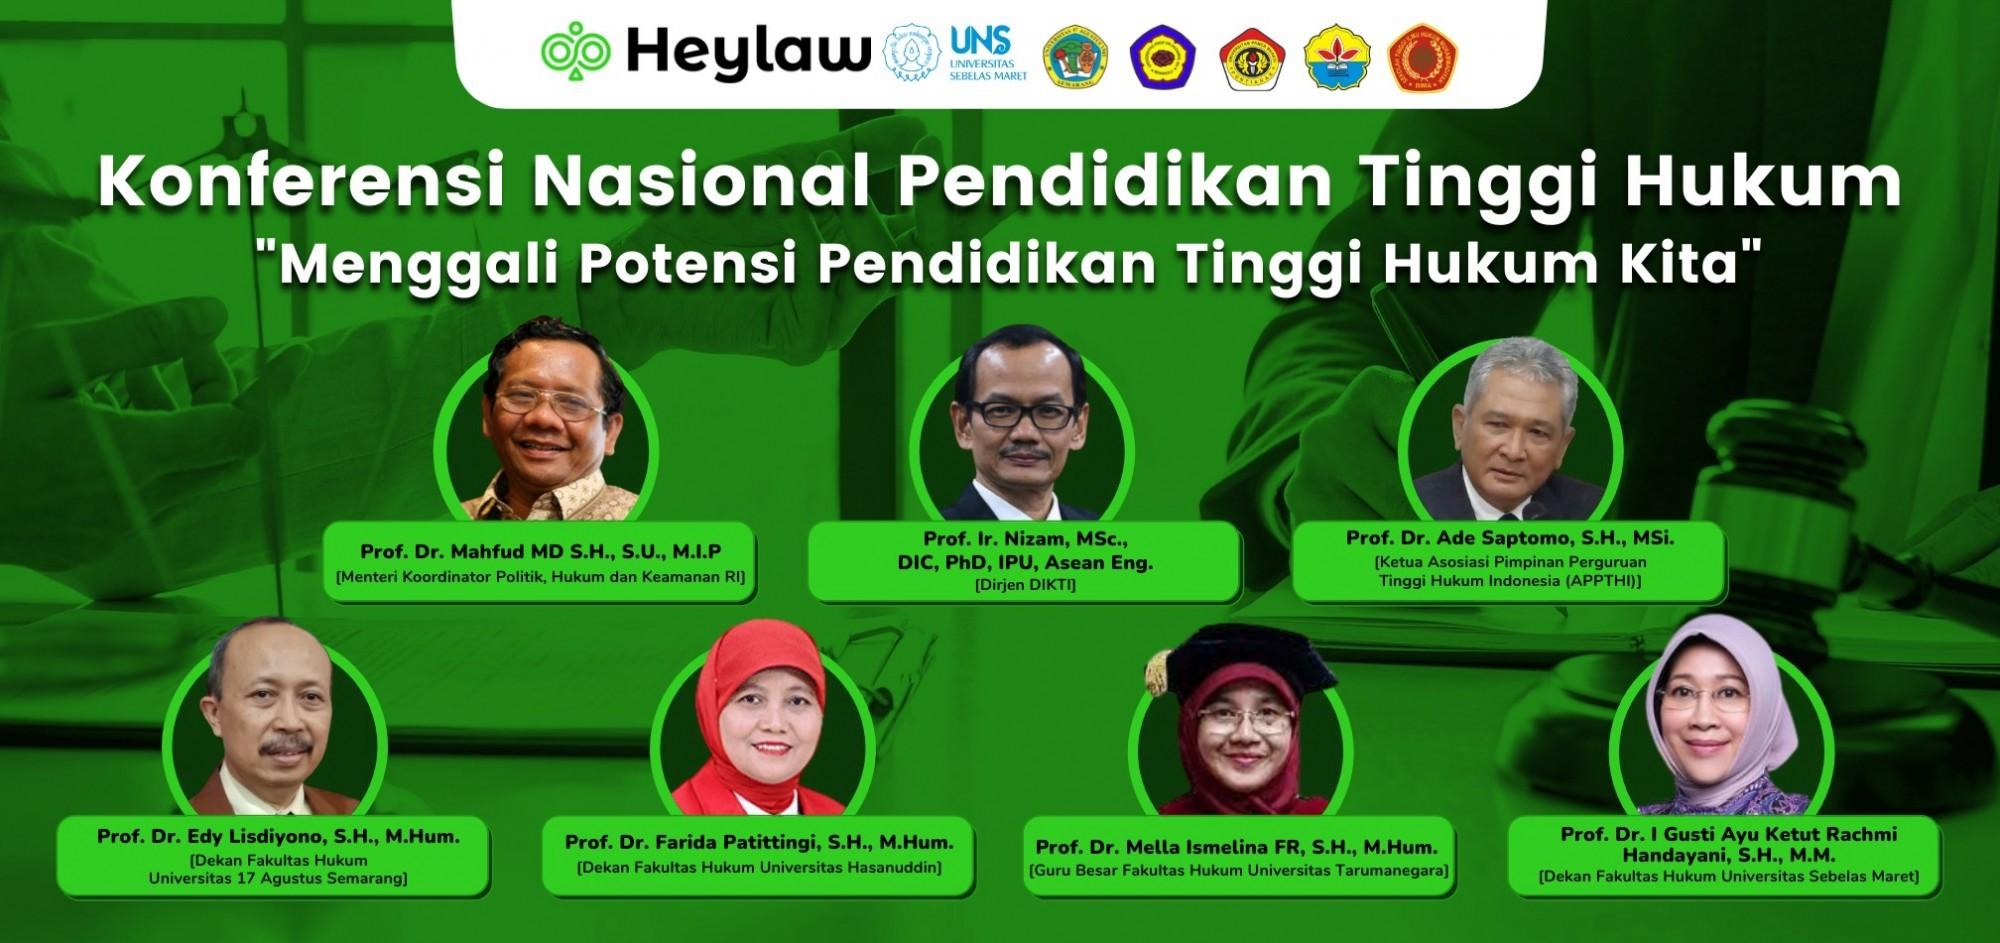 Konferensi Nasional Pendidikan Tinggi Hukum 'Menggali Potensi Pendidikan Tinggi Hukum Kita'